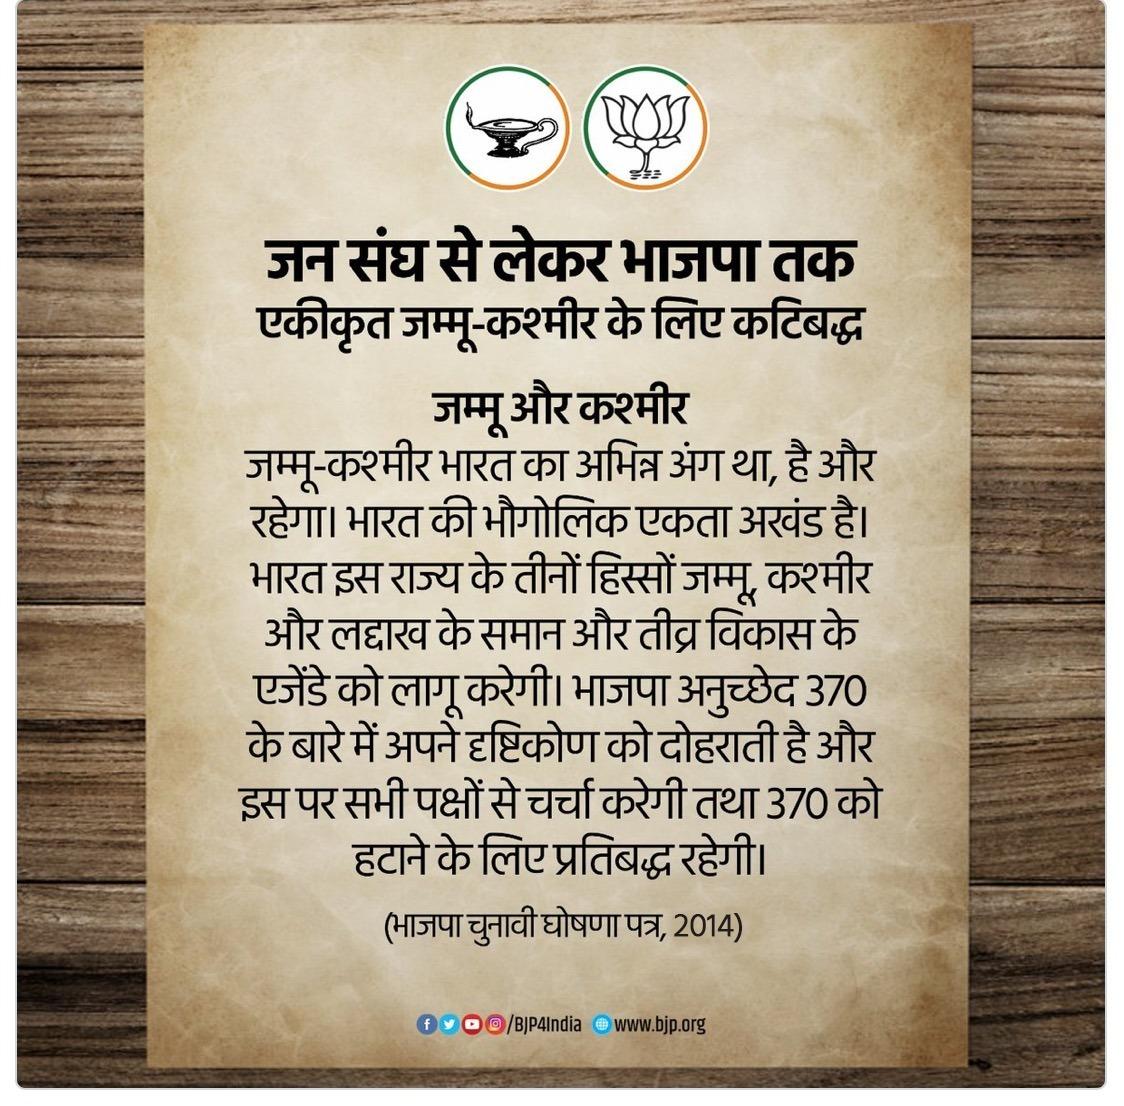 जम्मू-कश्मीर भारत का अभिन्न अंग था, है और रहेगा। भारत इस राज्य के 3 हिस्सों जम्मू, कश्मीर और लद्दाख के समान और तीव्र विकास के एजेंडे को लागू करेगी। भाजपा अनुच्छेद 370 को हटाने के लिए प्रतिबद्ध रहेगी। - भाजपा चुनावी घोषणा पत्र, 2014 #OneYearOfNoArticle370